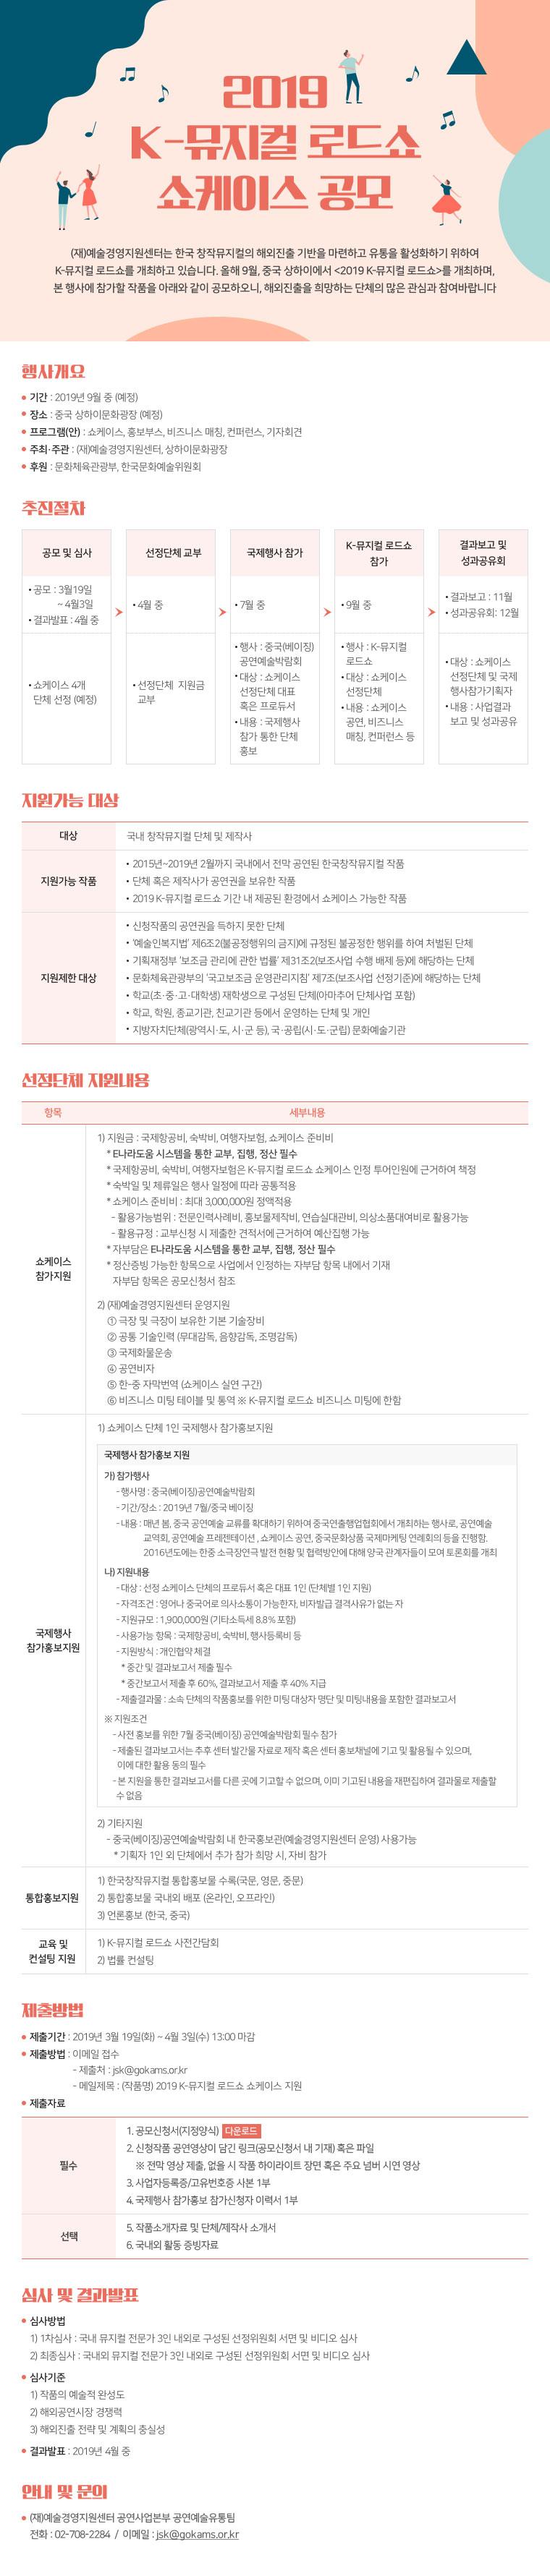 2019 K-뮤지컬 로드쇼 쇼케이스 공모